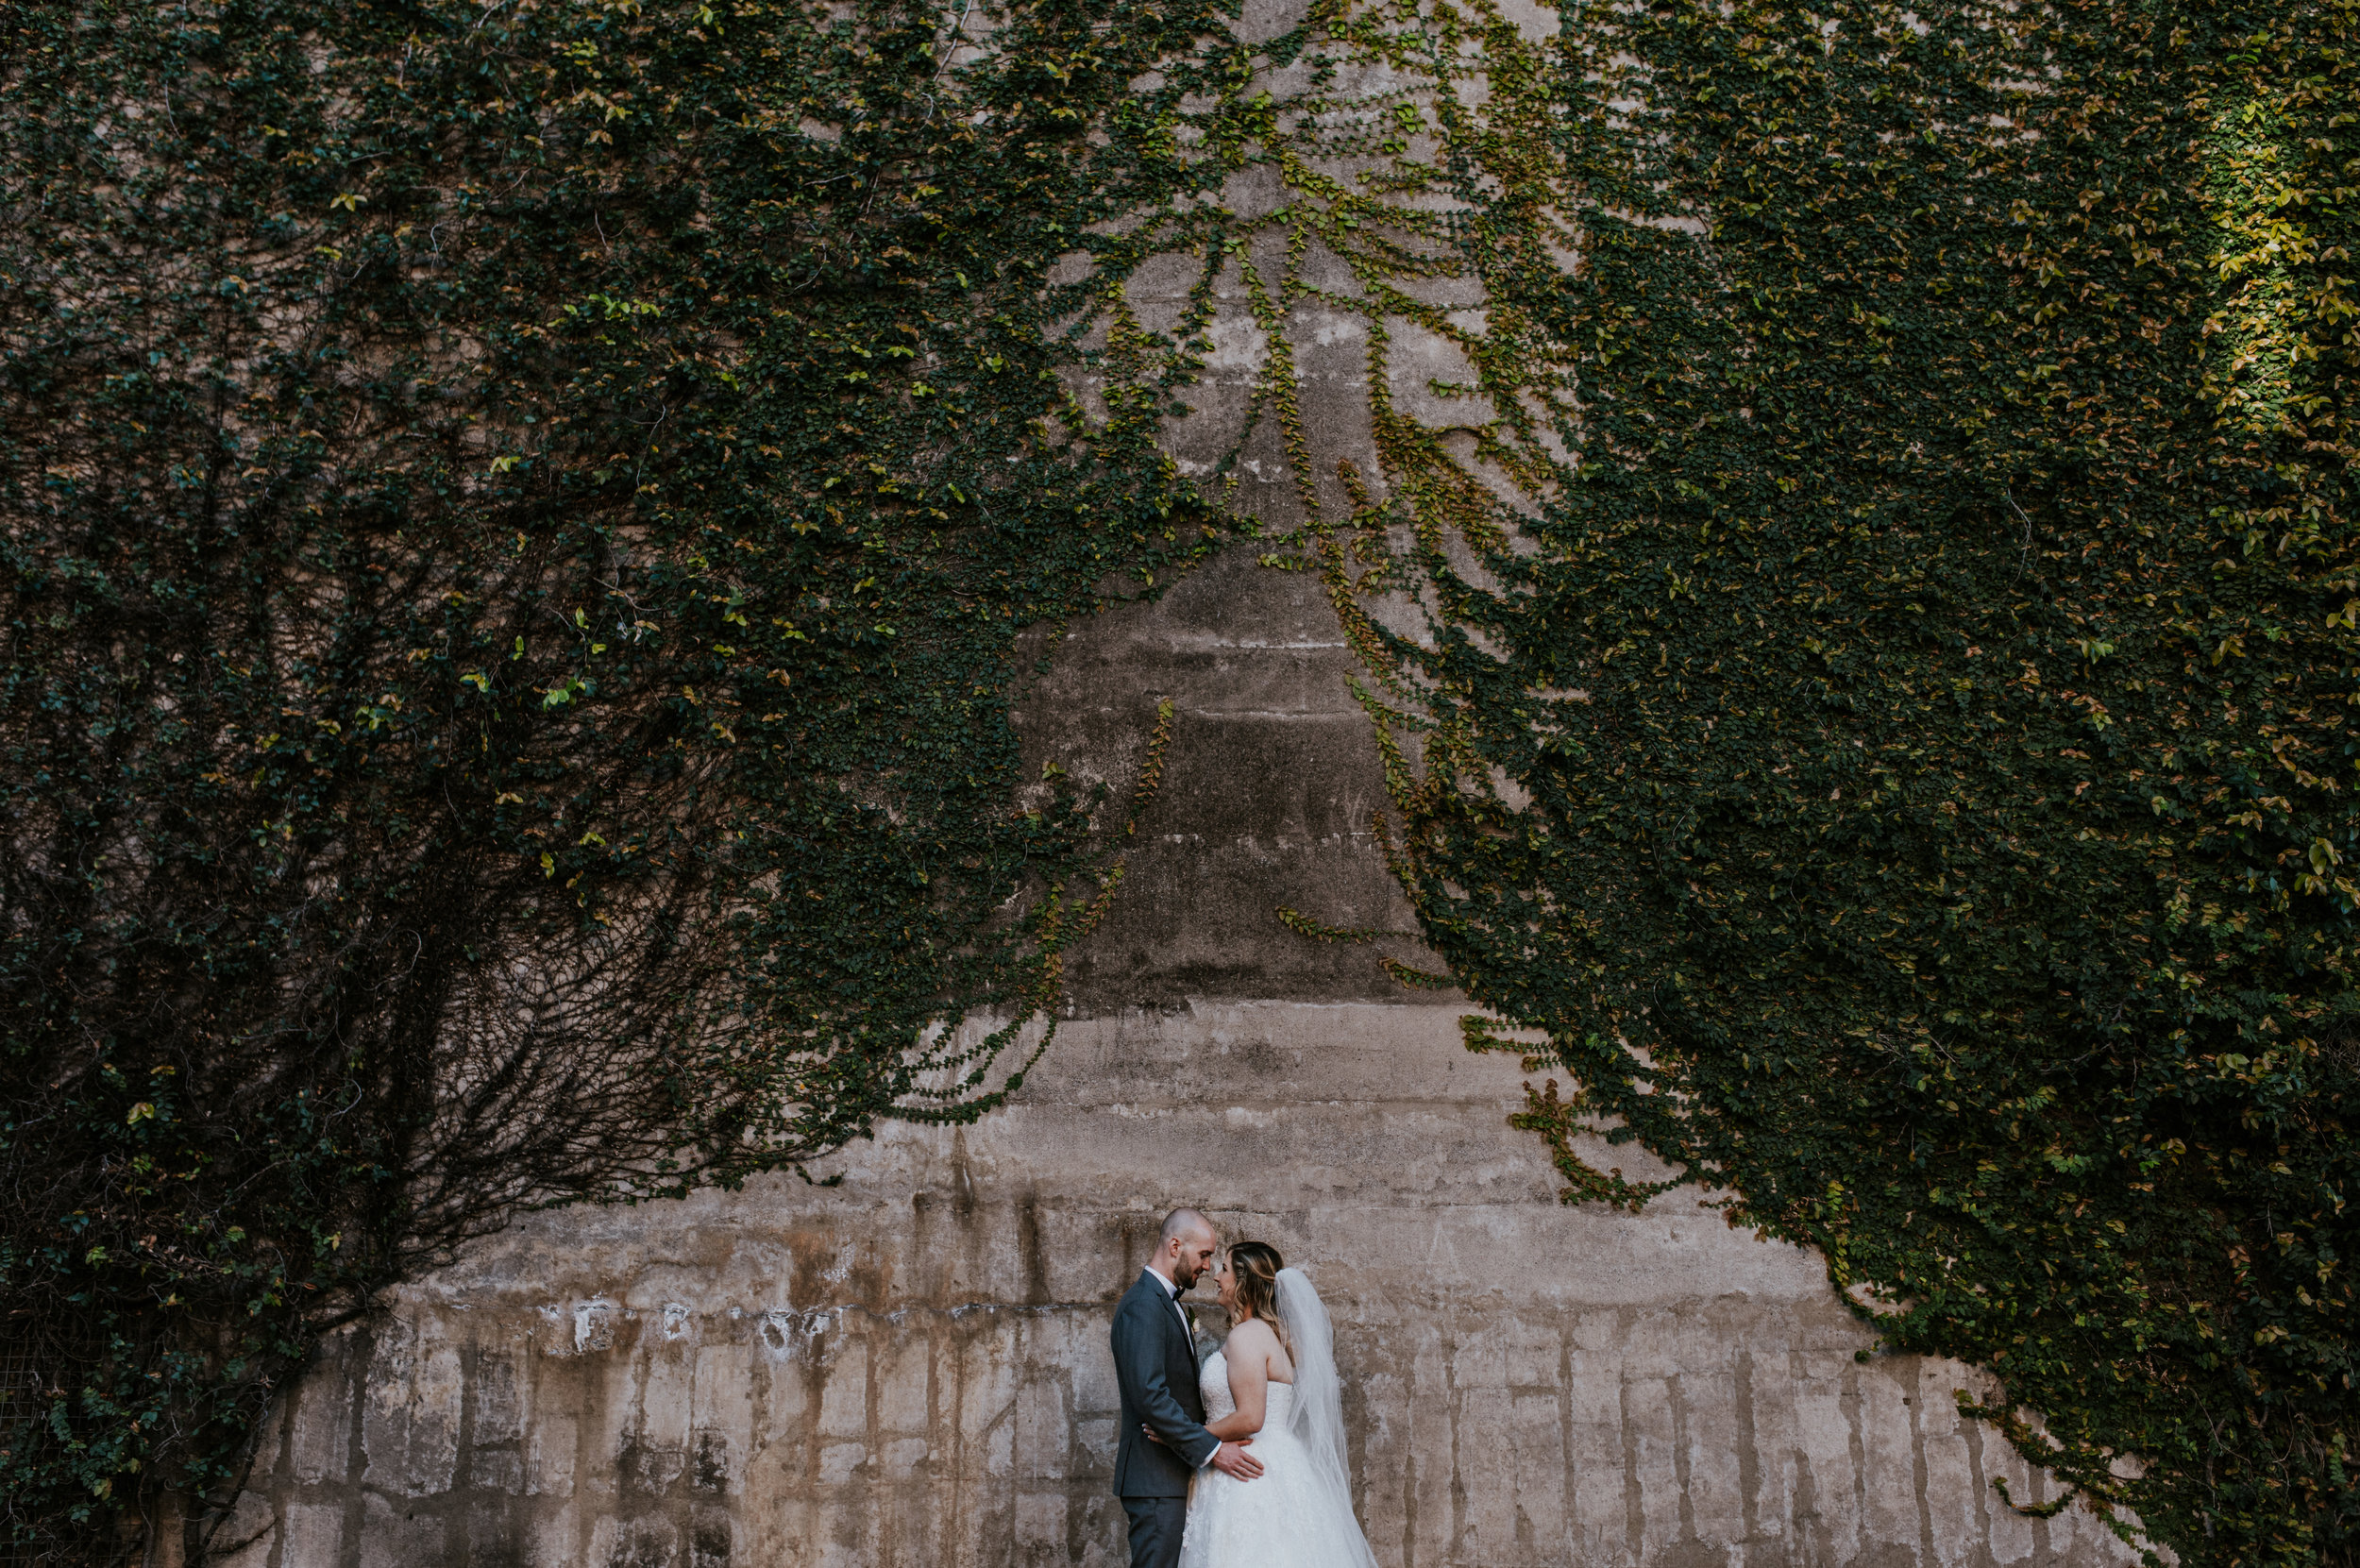 Hannah & Nathan - Sydney City Wedding     29th September 2018